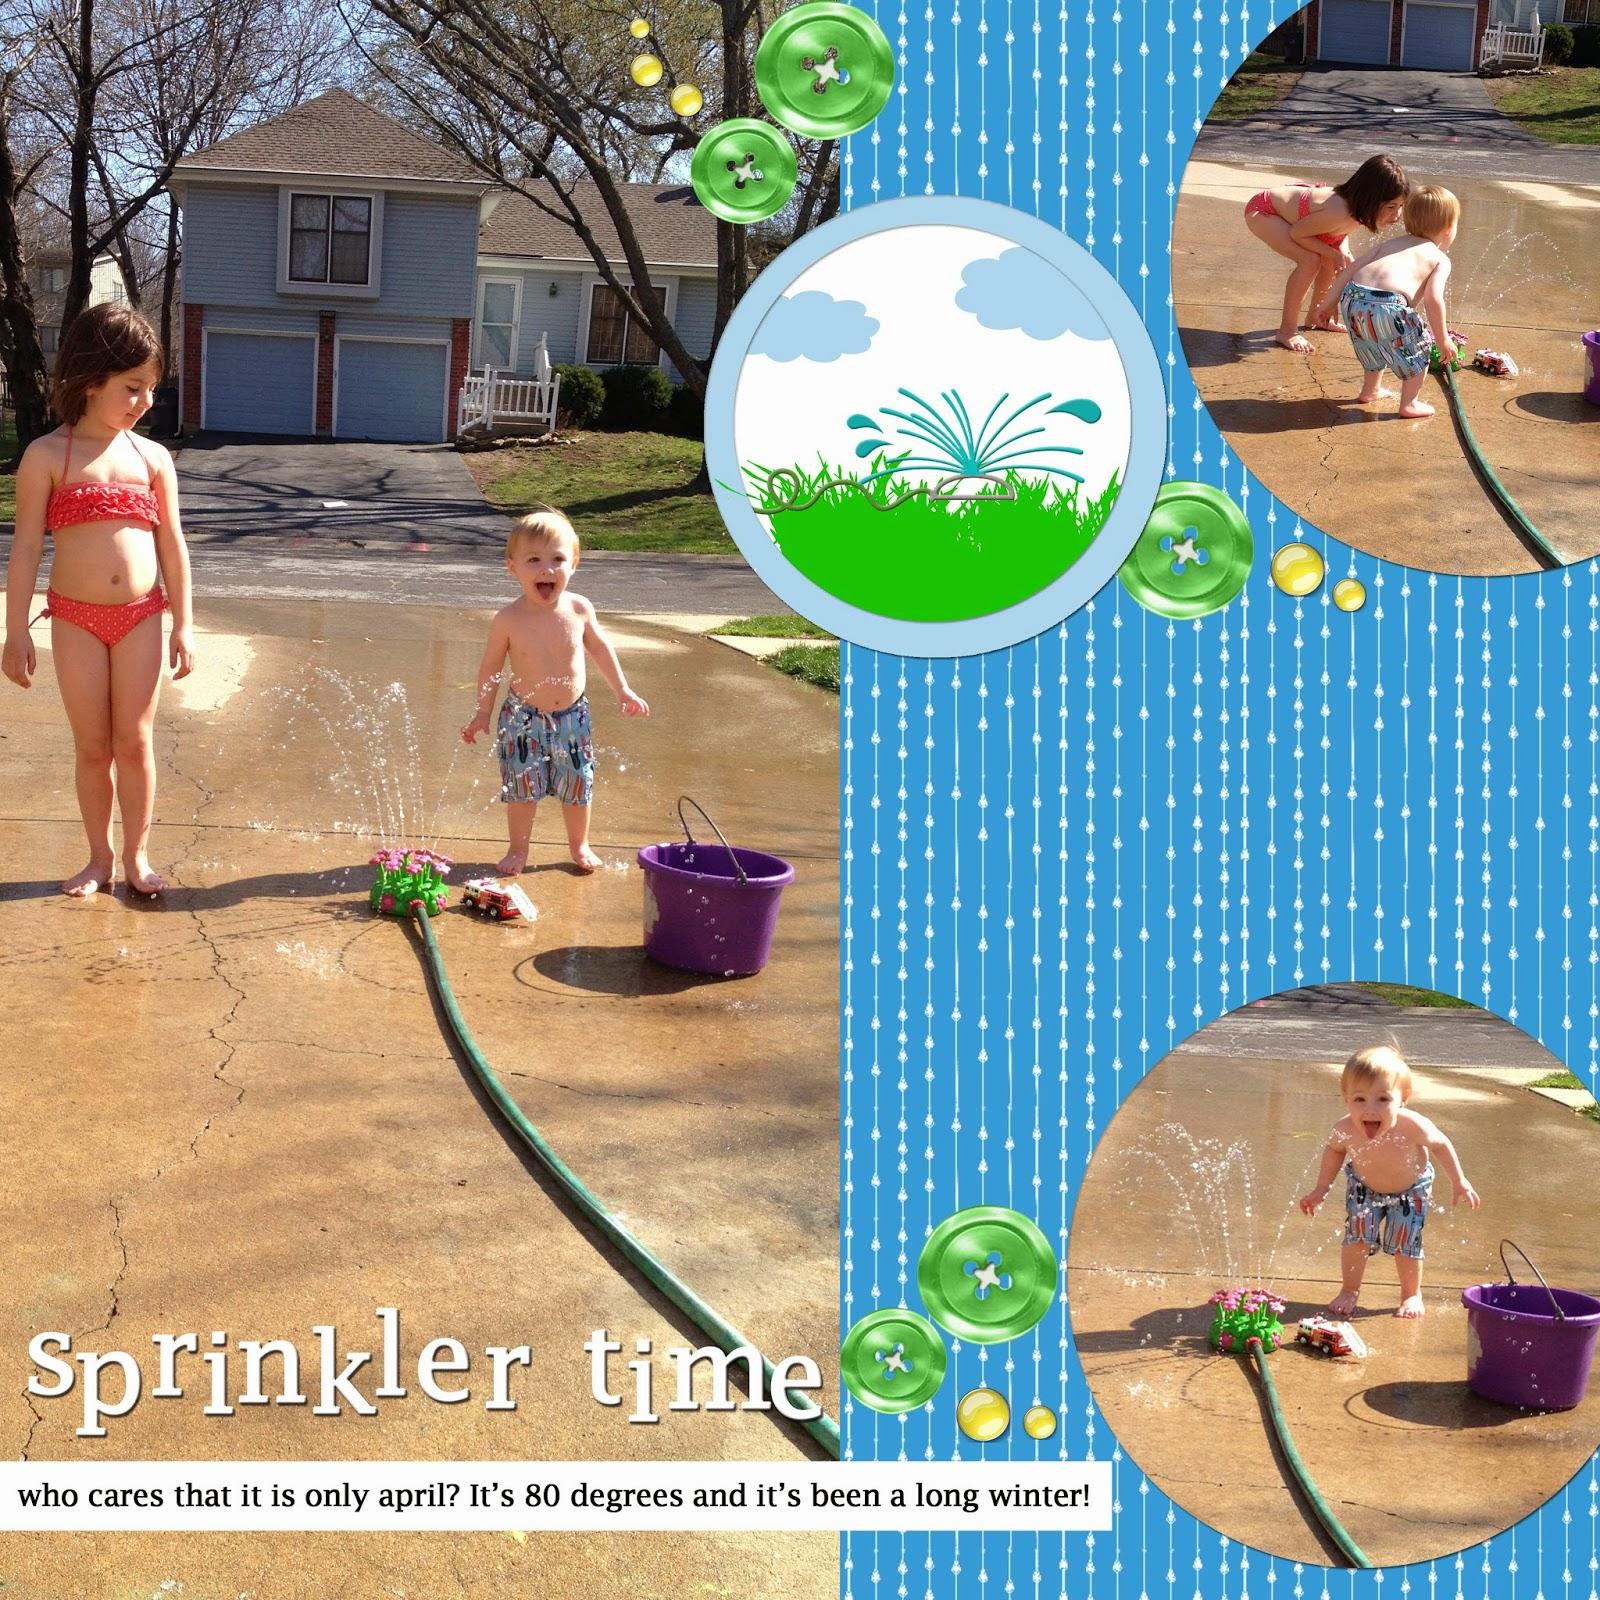 http://4.bp.blogspot.com/-uRmgGXlUKeY/U3O-FEOjztI/AAAAAAAACdE/QW_UGCZJxOs/s1600/Sprinkler+fun.jpg